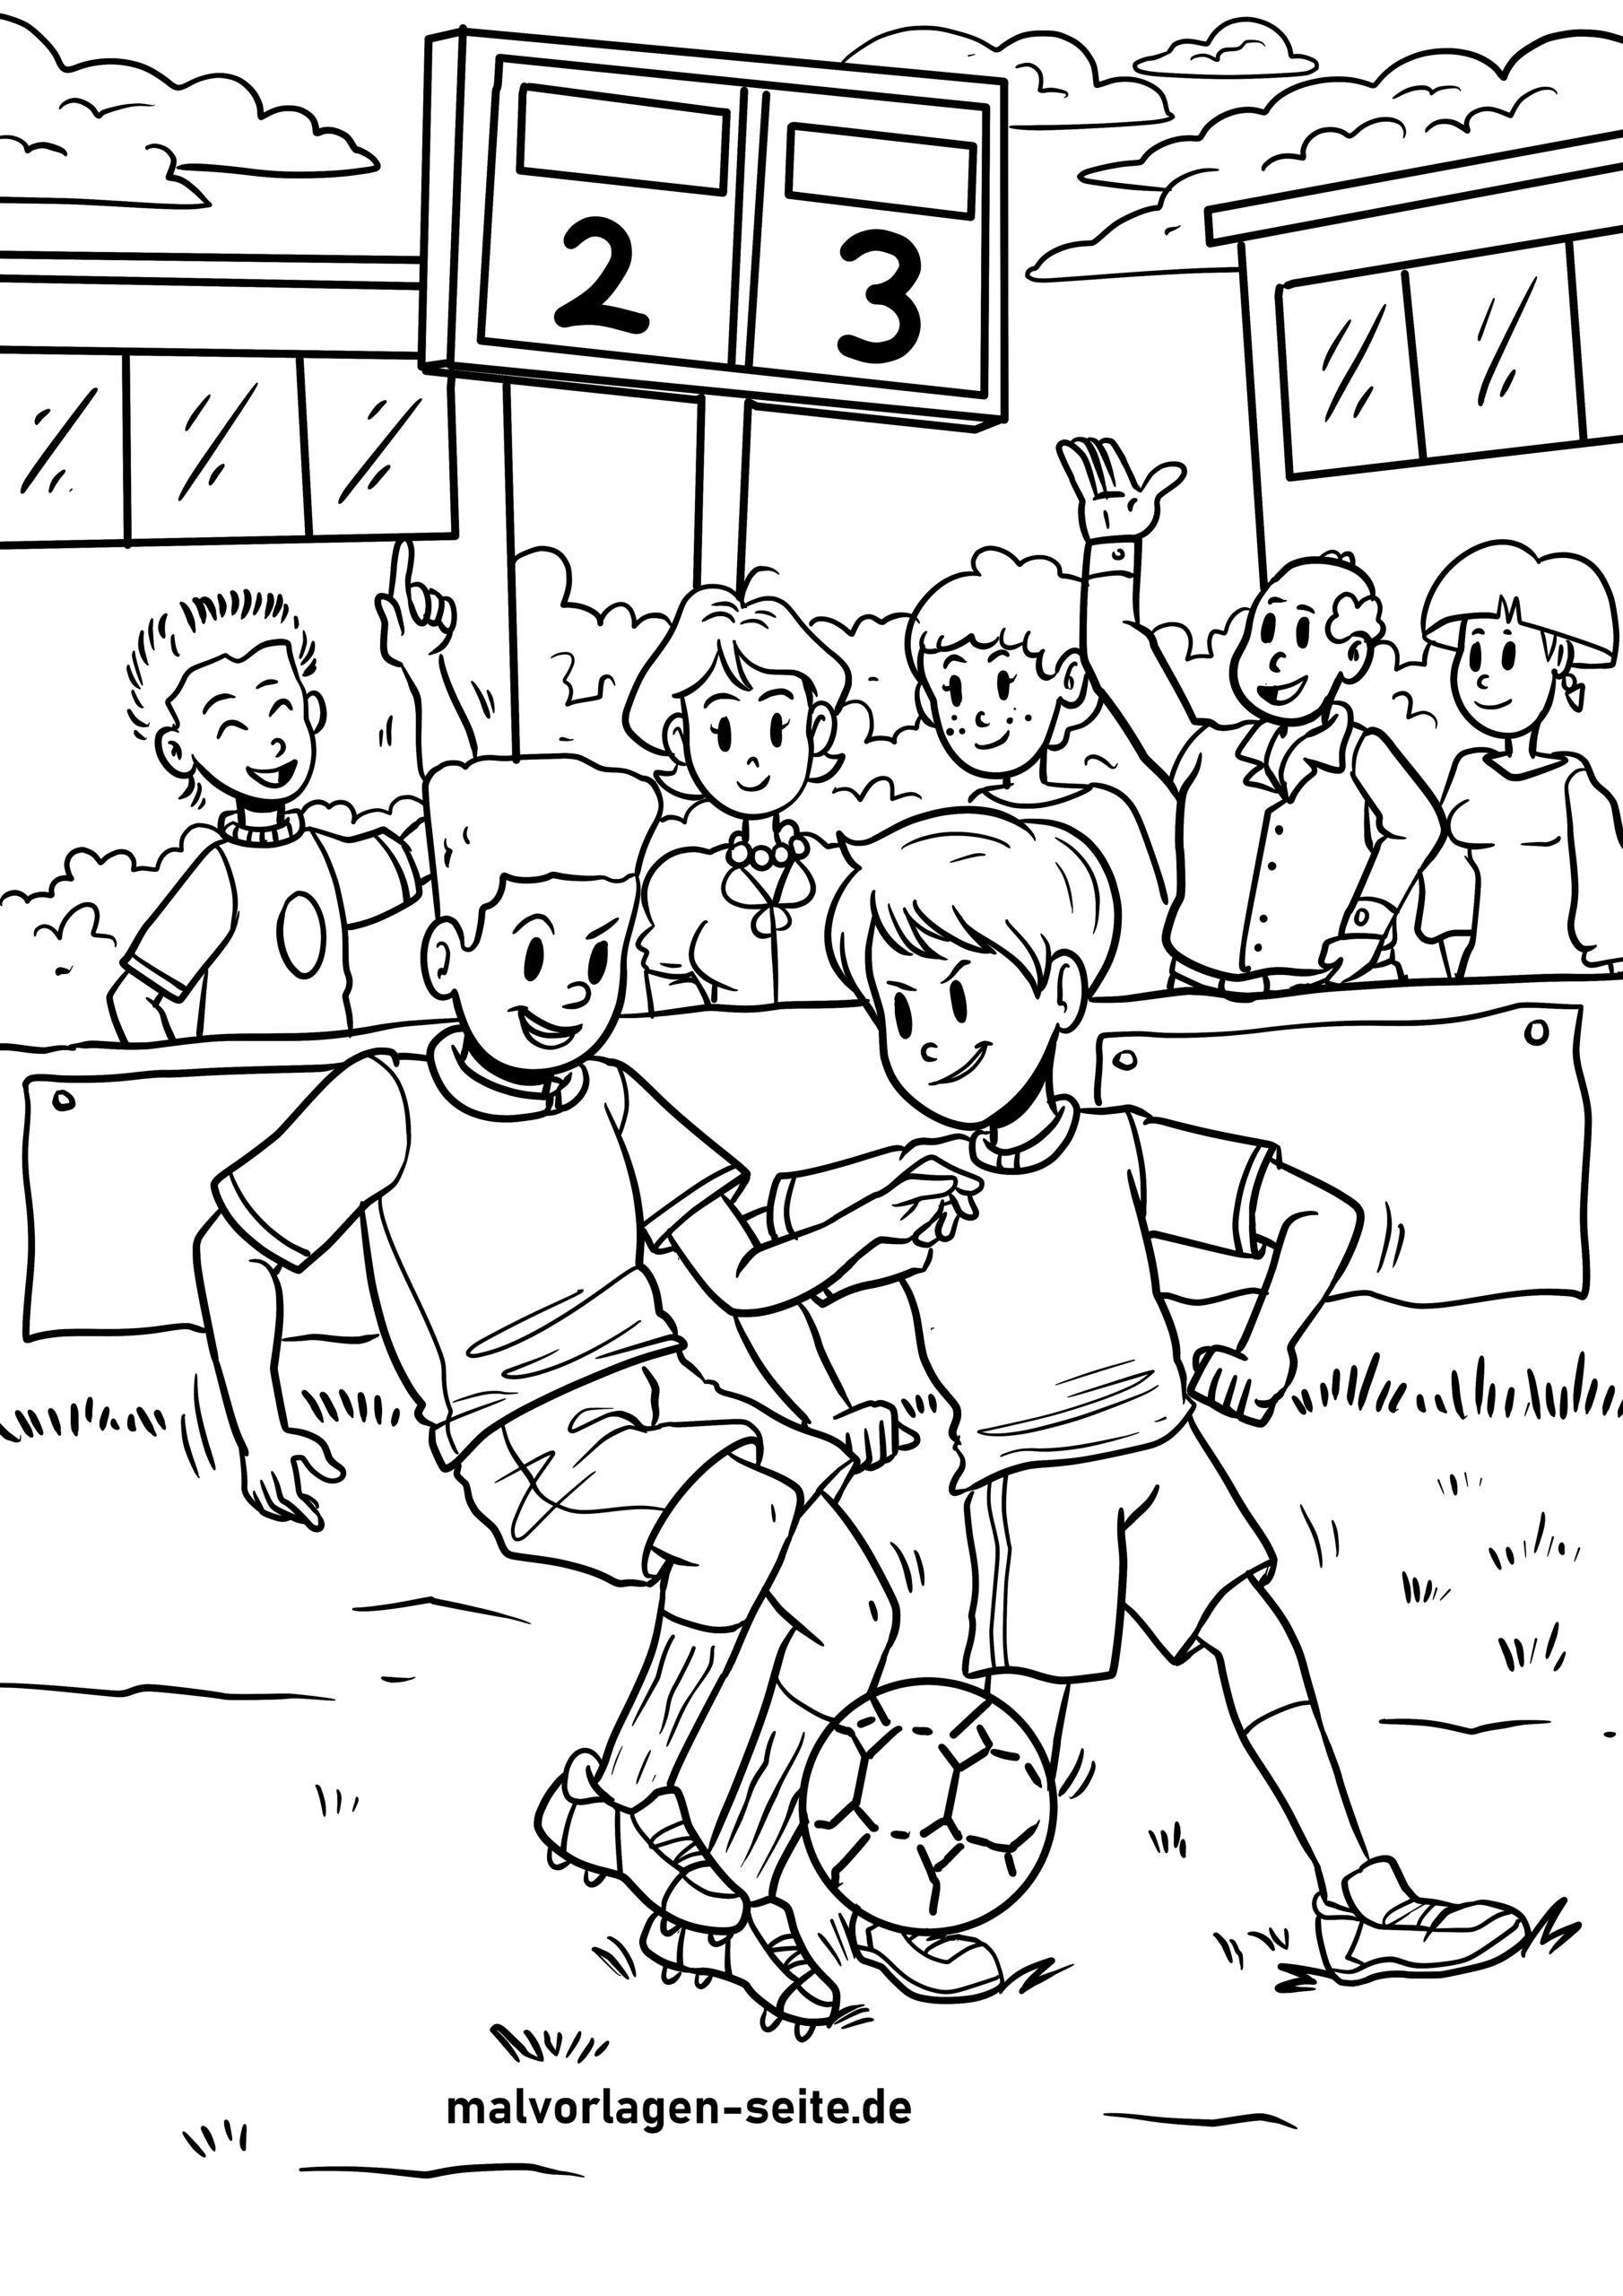 Tolle Malvorlage Fußball - Sport - Kostenlose Ausmalbilder